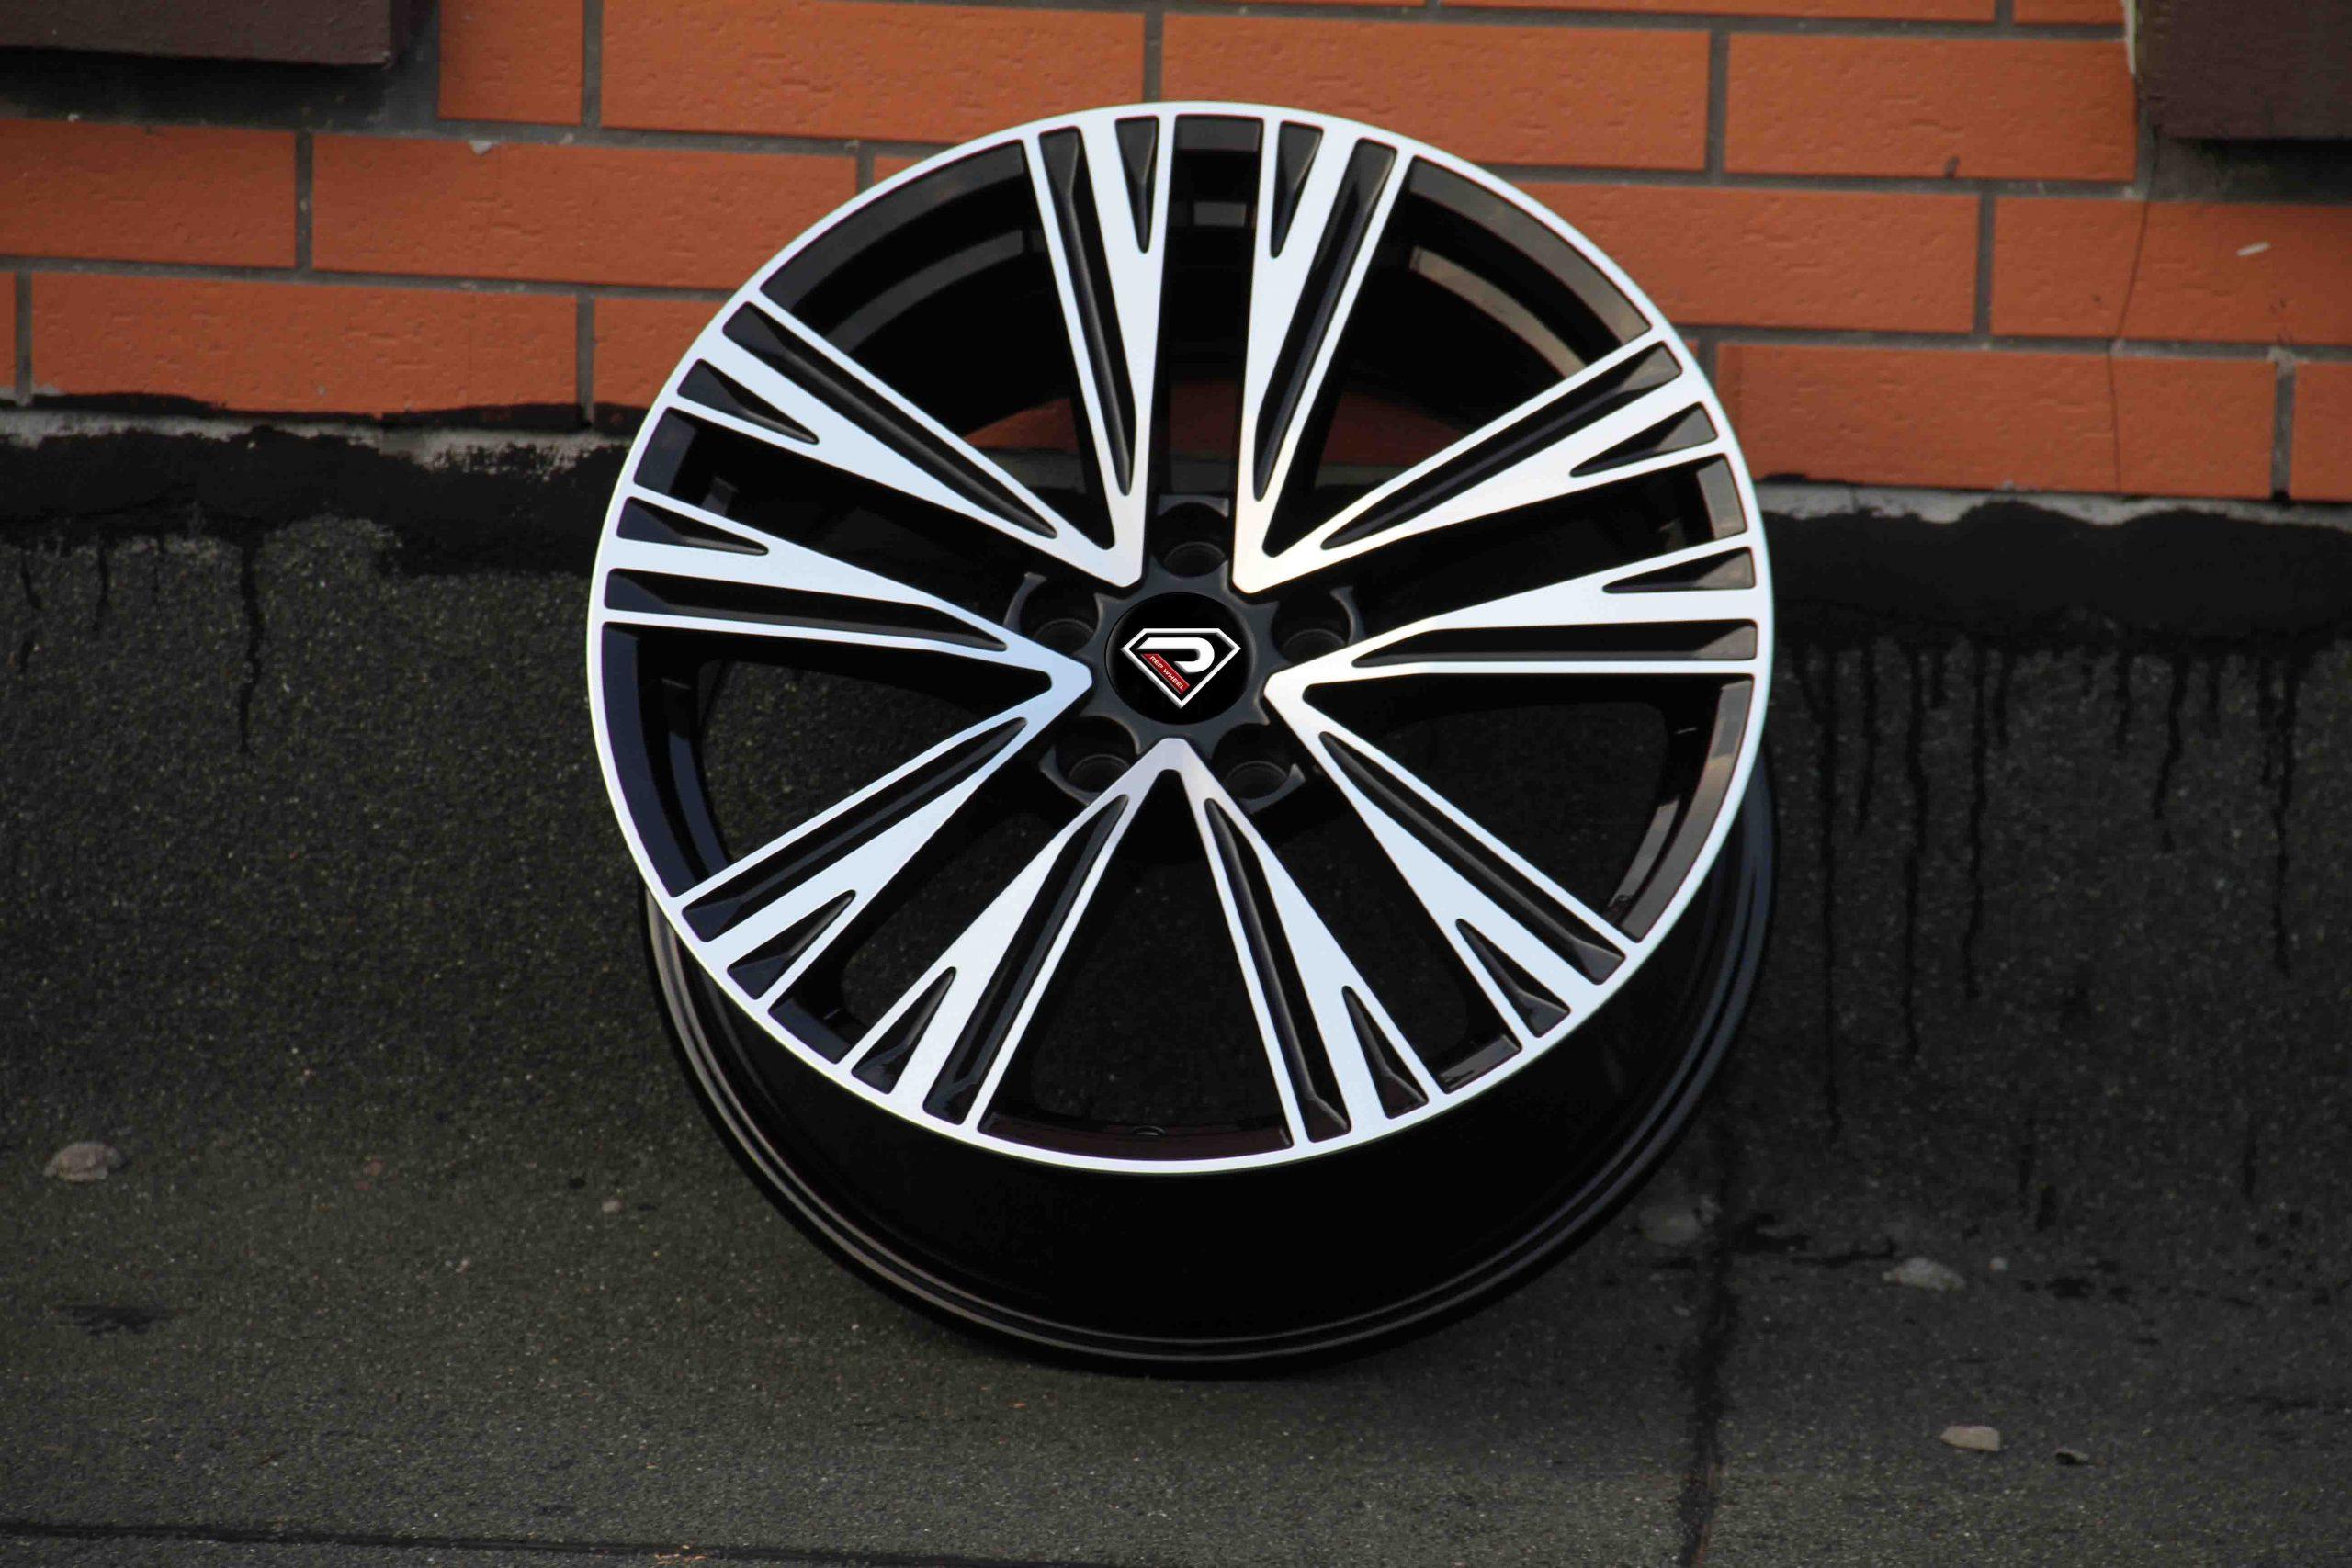 Wheelshome 6103 1819 inch in GMF A6 Alloy wheels IN BLACK